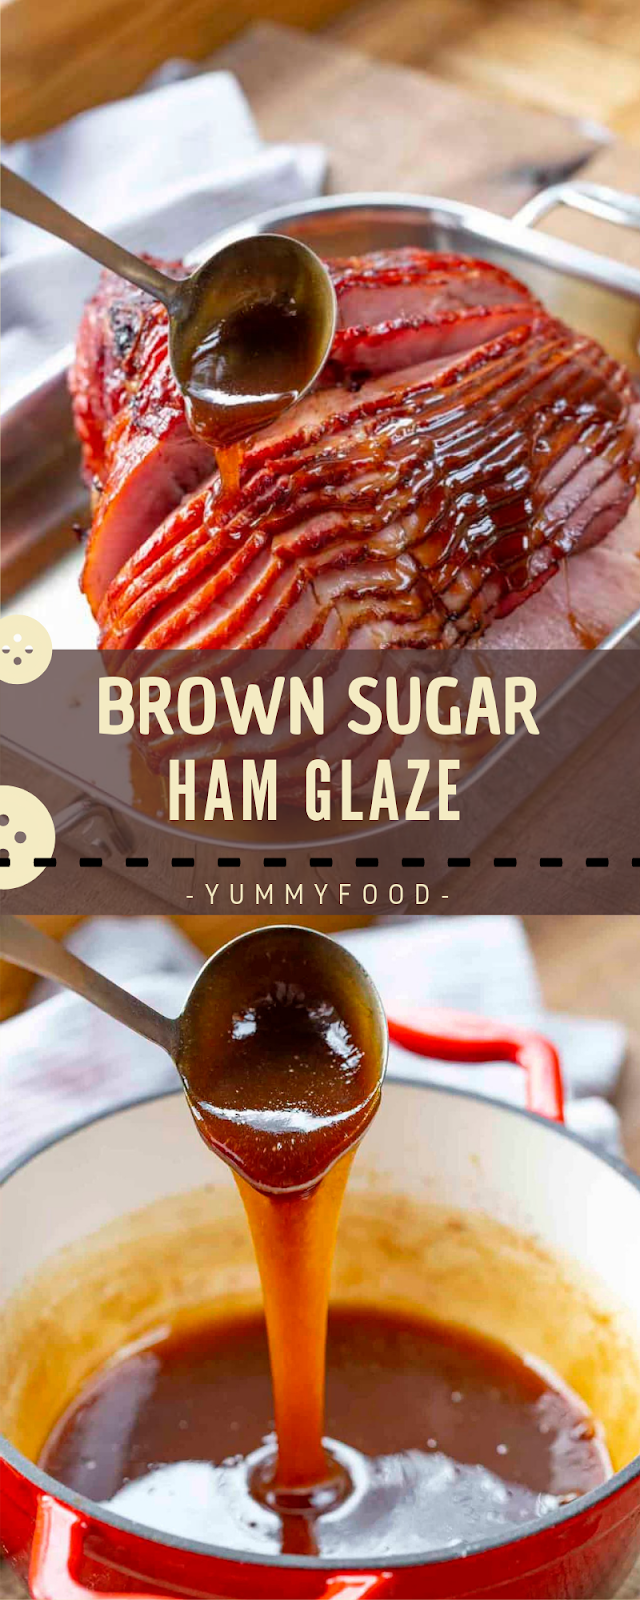 BROWN Sugars HAM GLAZE